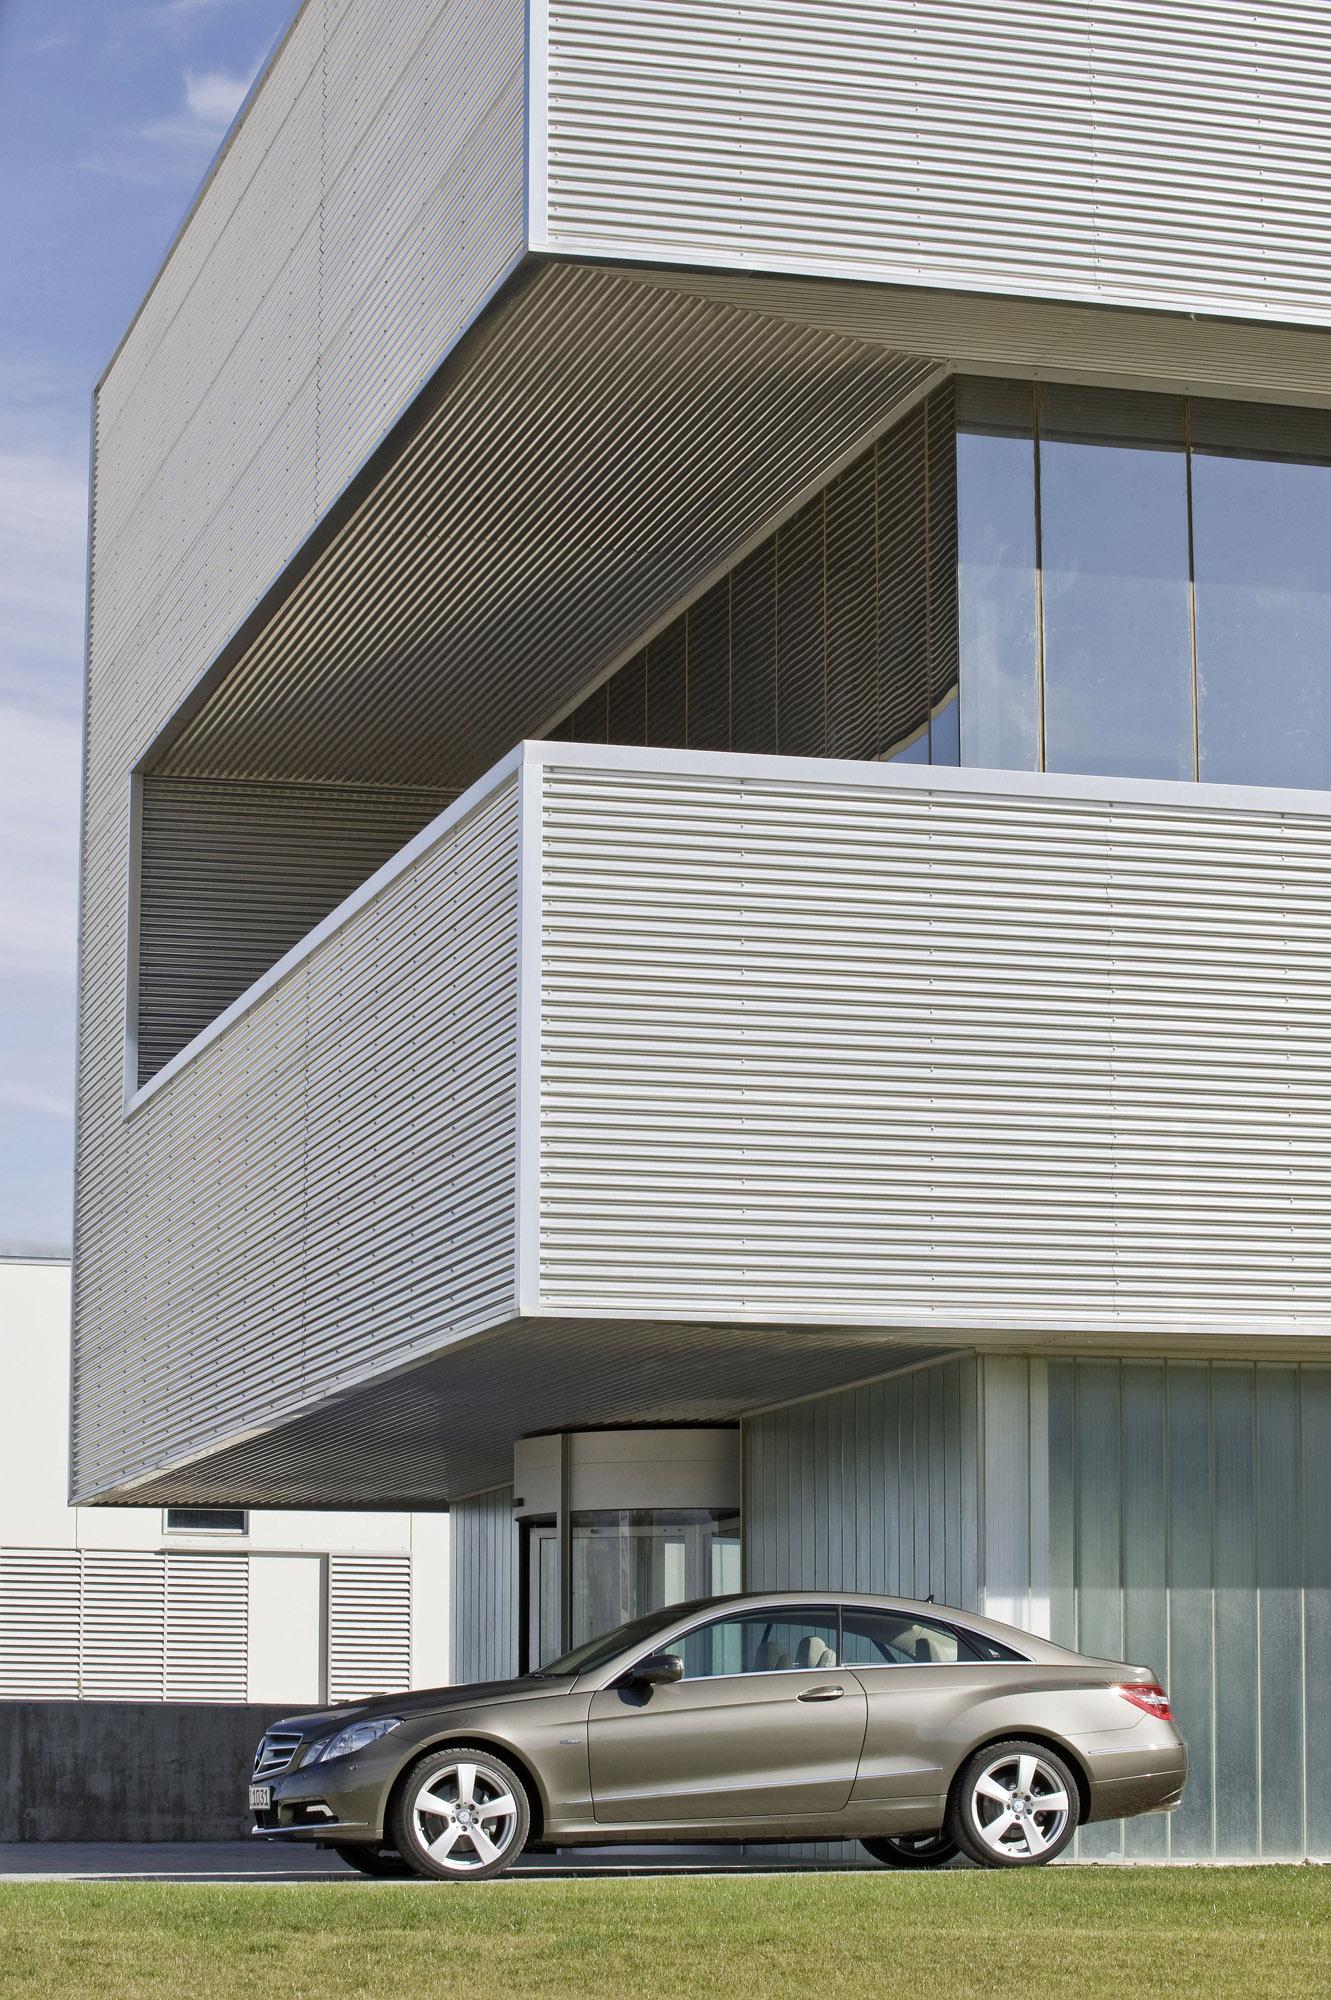 Mercedes-Benz E-350 CDI Coupe [фотографии автомобиля] - фотография №5